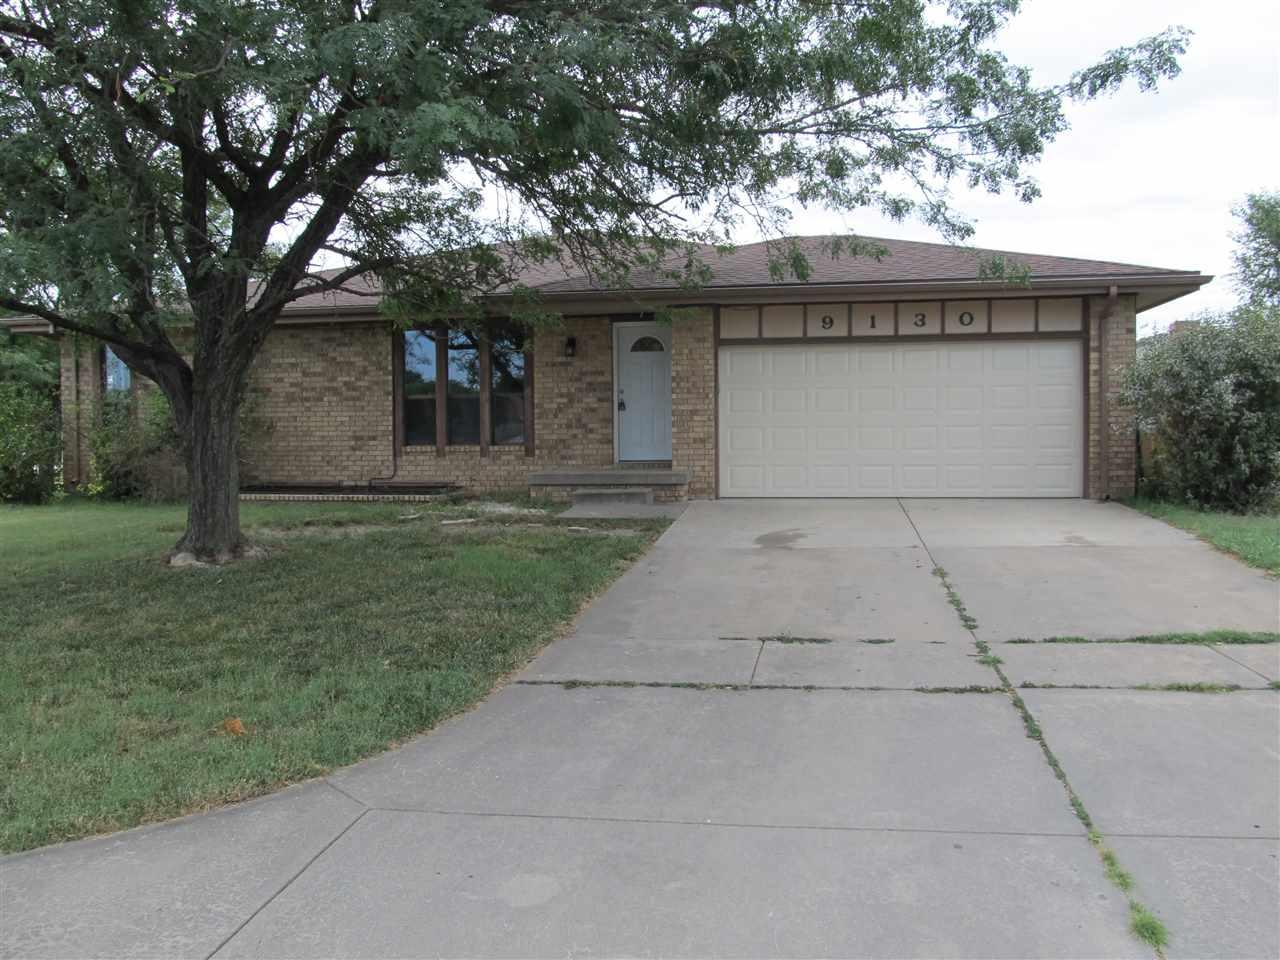 9130 E FUNSTON CT, Wichita, KS 67207